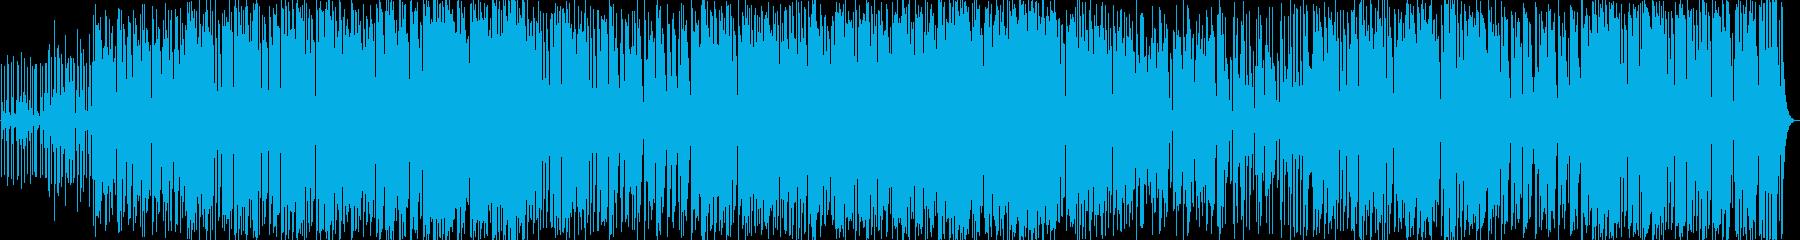 ファンク、の再生済みの波形